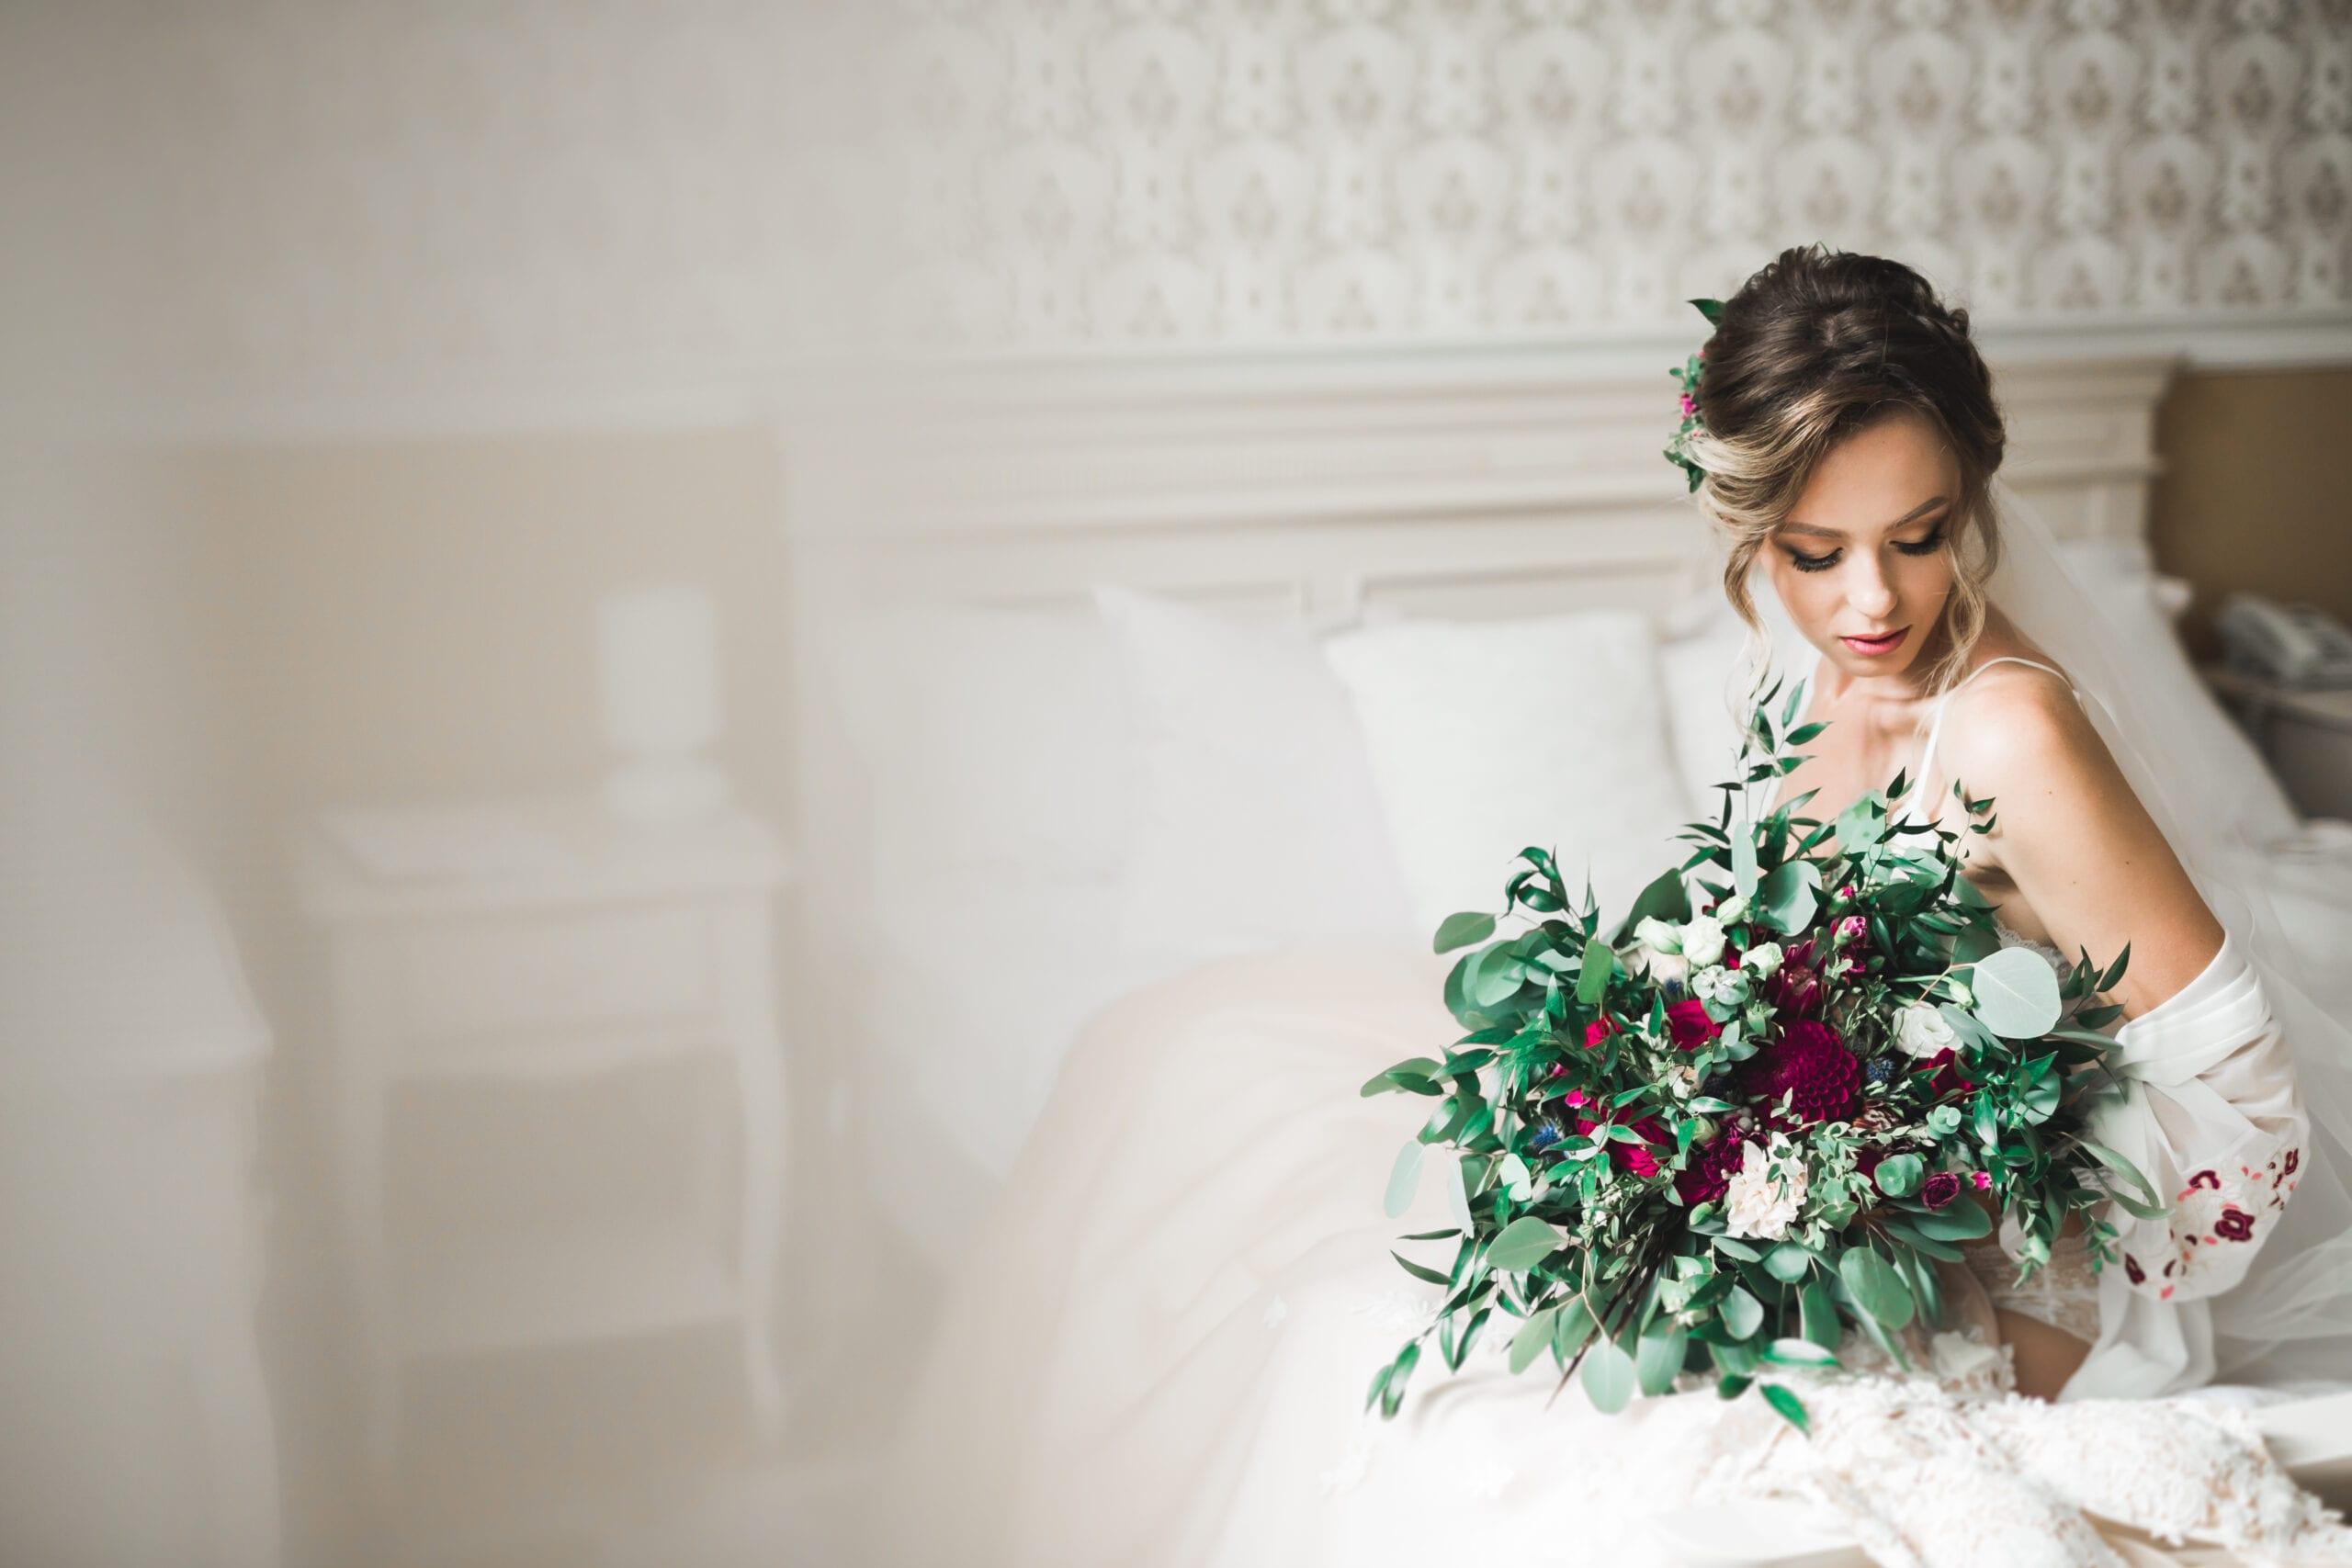 3 Best Ways to Share Wedding Photos